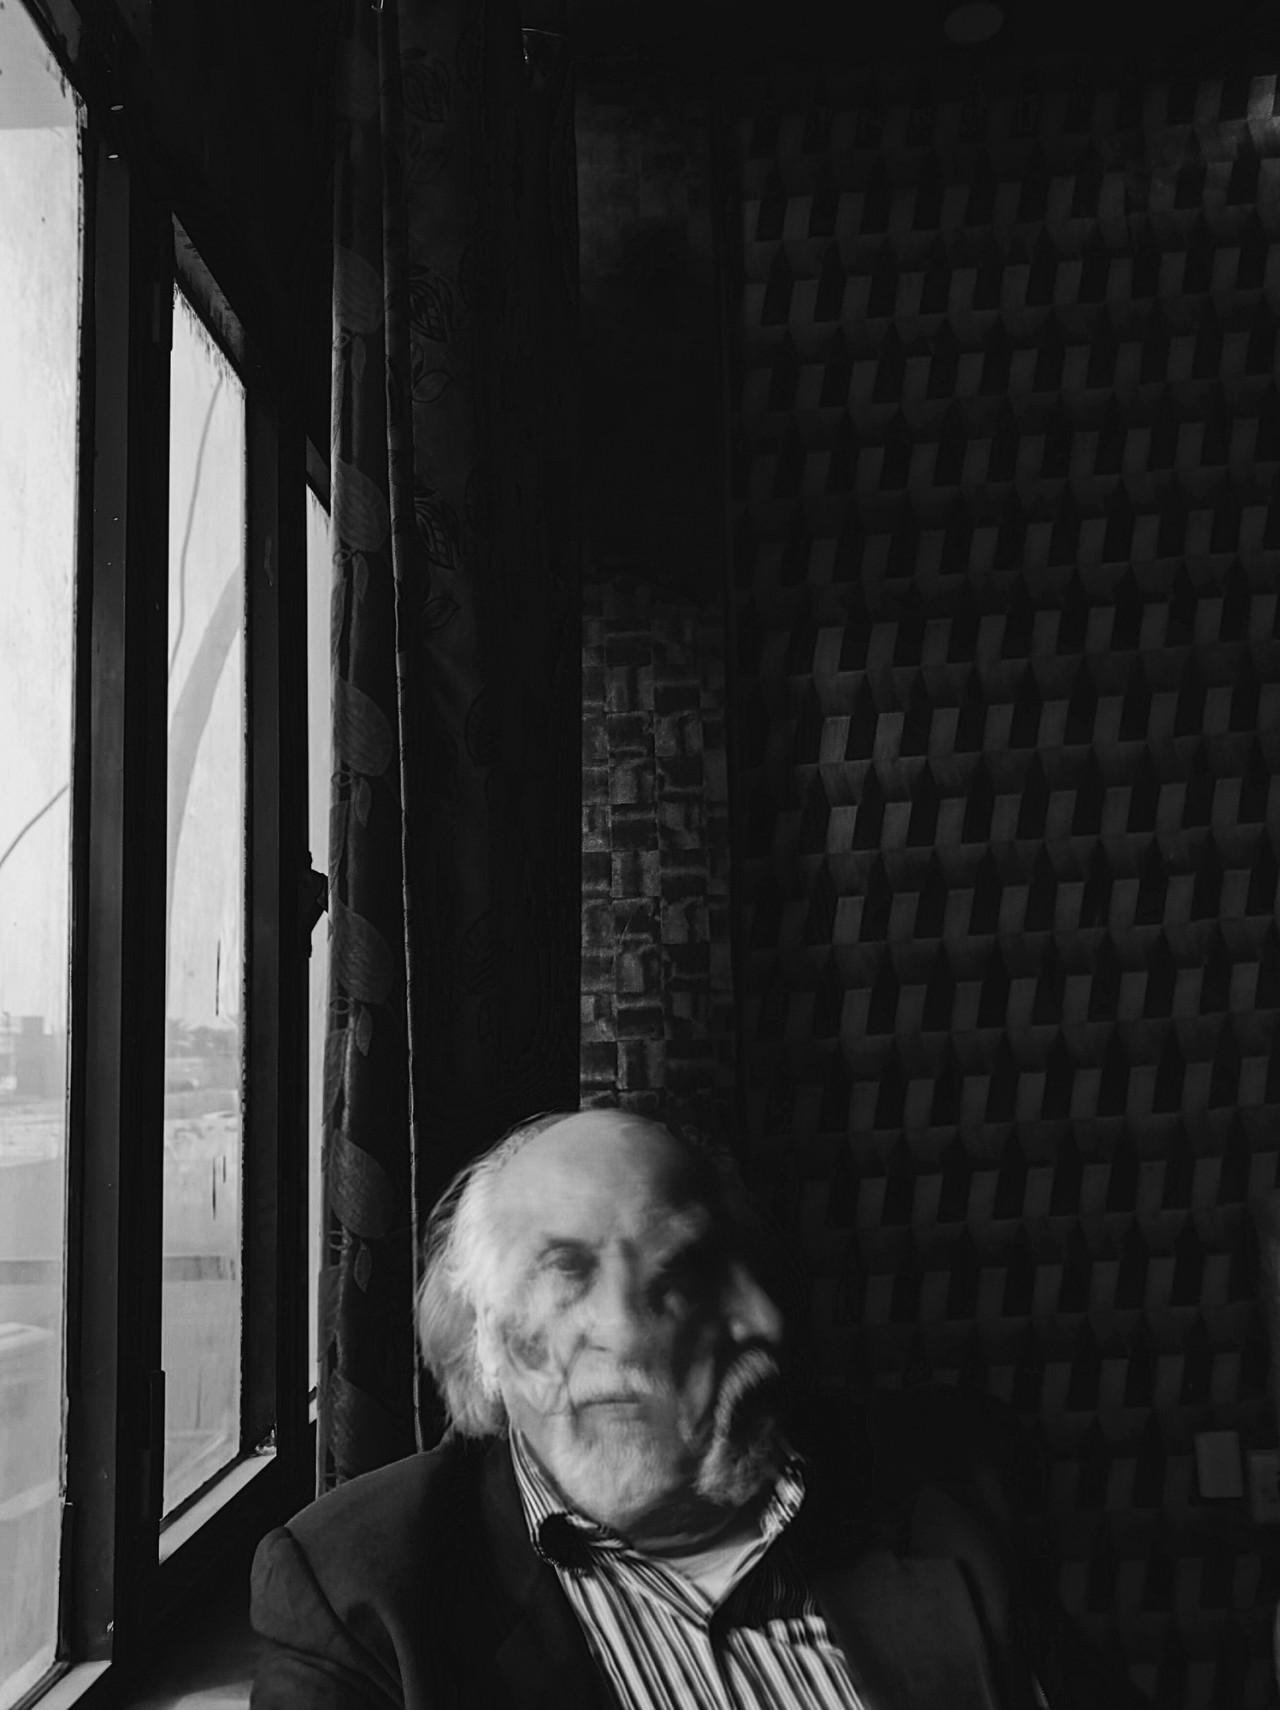 3 место в категории «Фотограф года», 2020. Багдад, Ирак. Автор Саиф Хуссейн